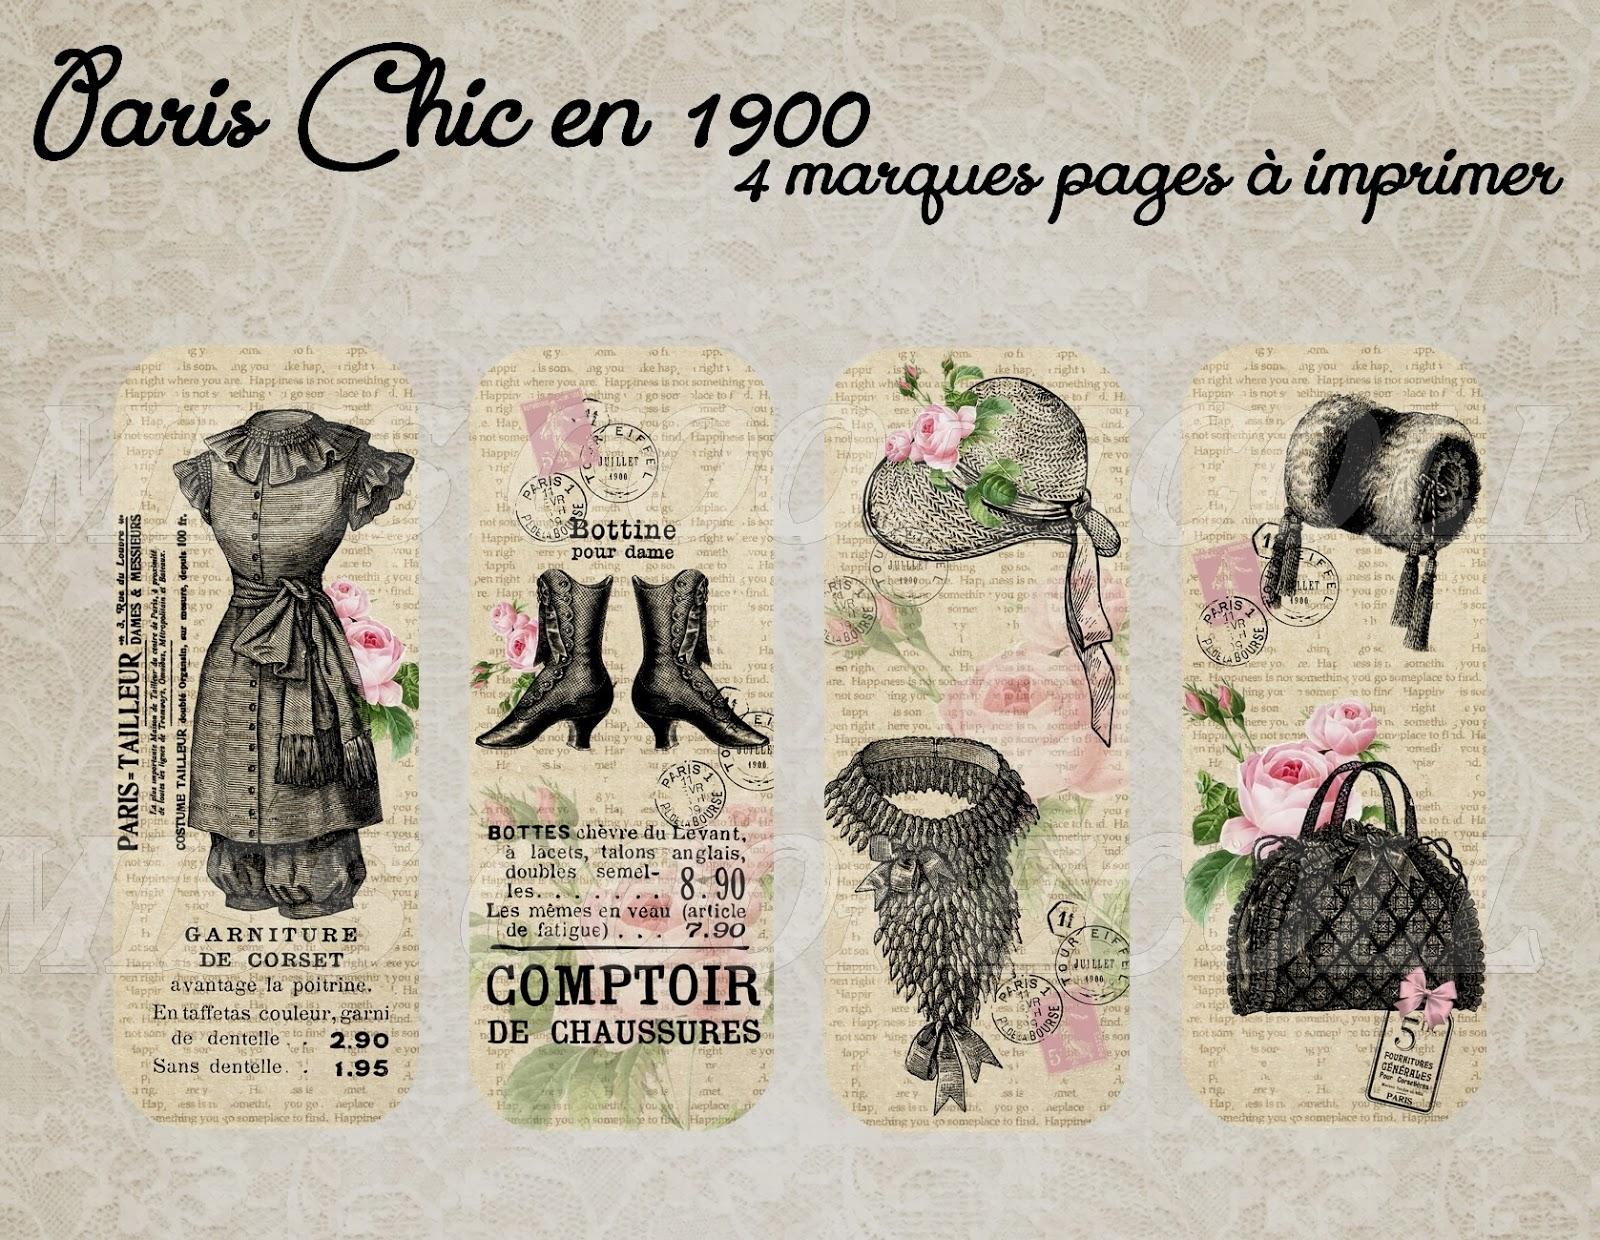 http://www.alittlemarket.com/marque-pages/nouveaute_4_marques_pages_a_imprimer_paris_chic_en_1900_envoi_par_mail-6926131.html